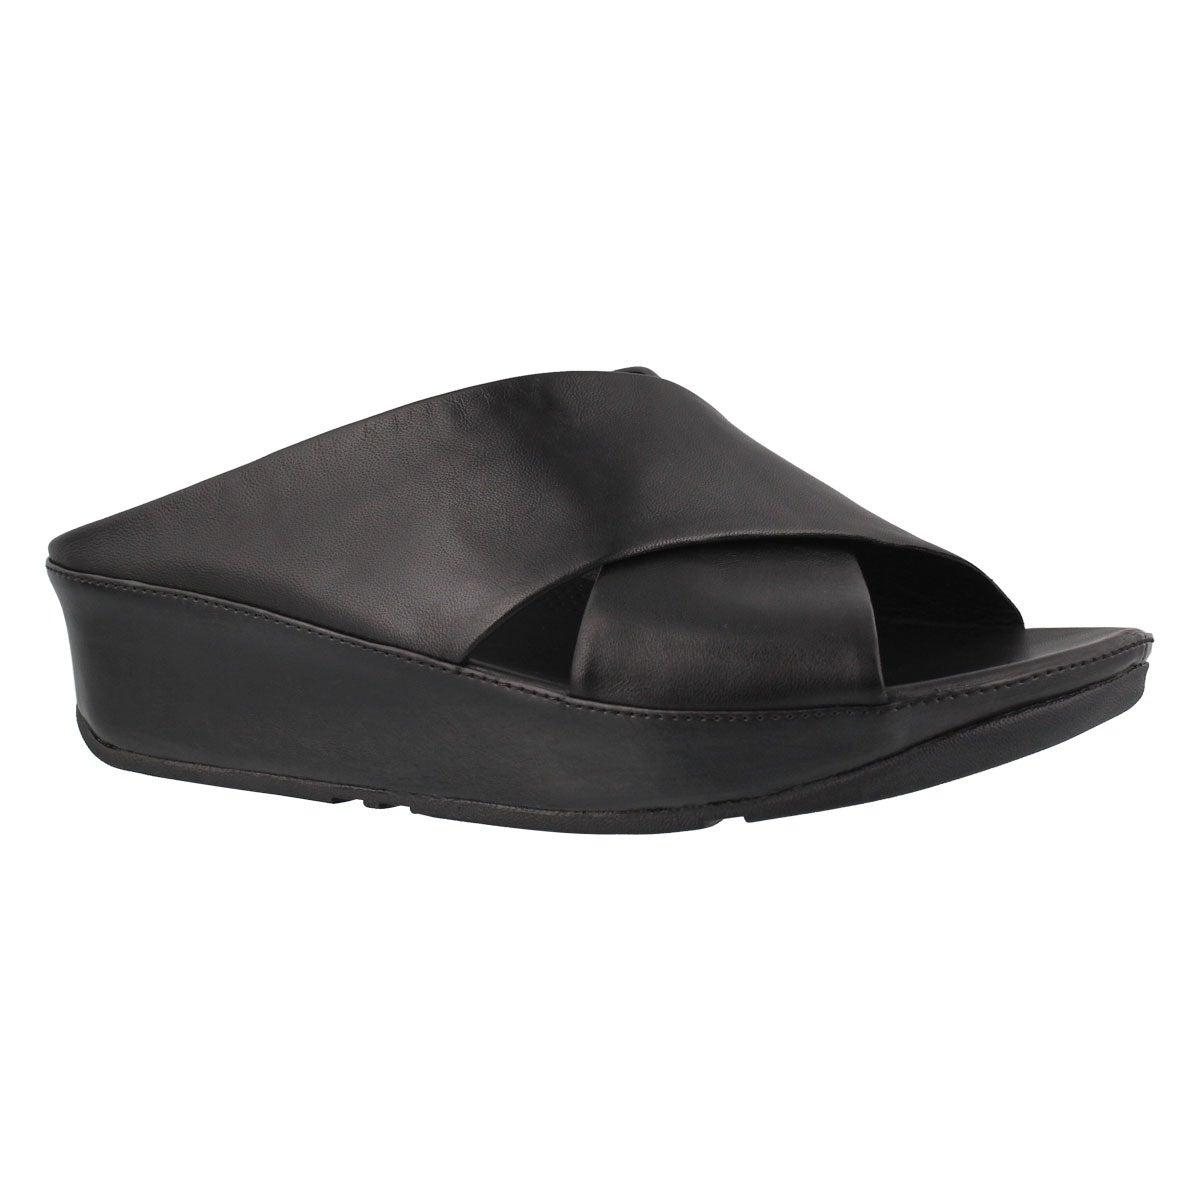 Women's KYS black slide sandal